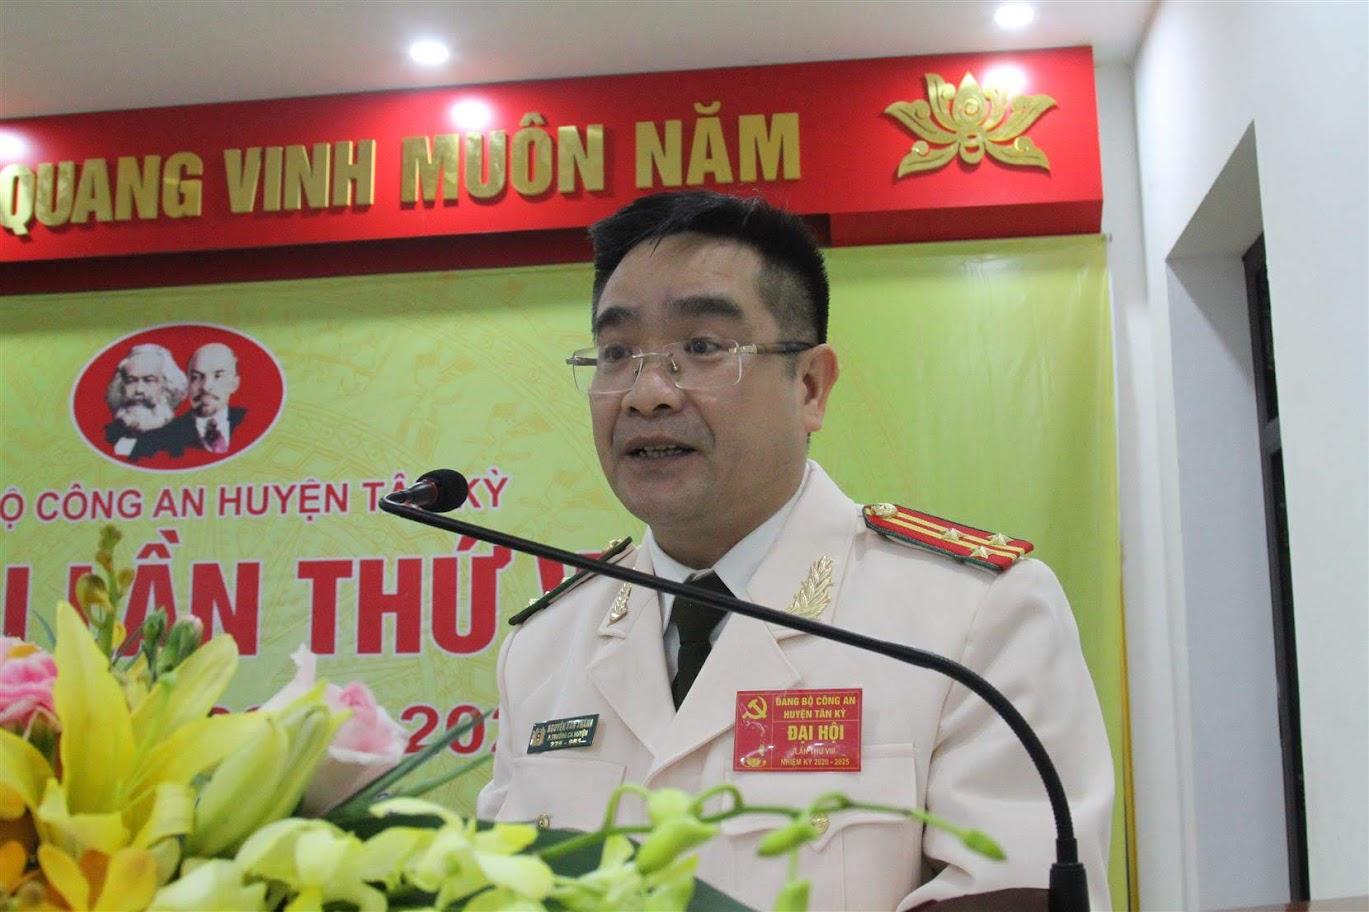 Thượng tá Nguyễn Văn Thành - Phó trưởng Công an huyện trình bày báo cáo chính trị, báo cáo kiểm điểm BCH